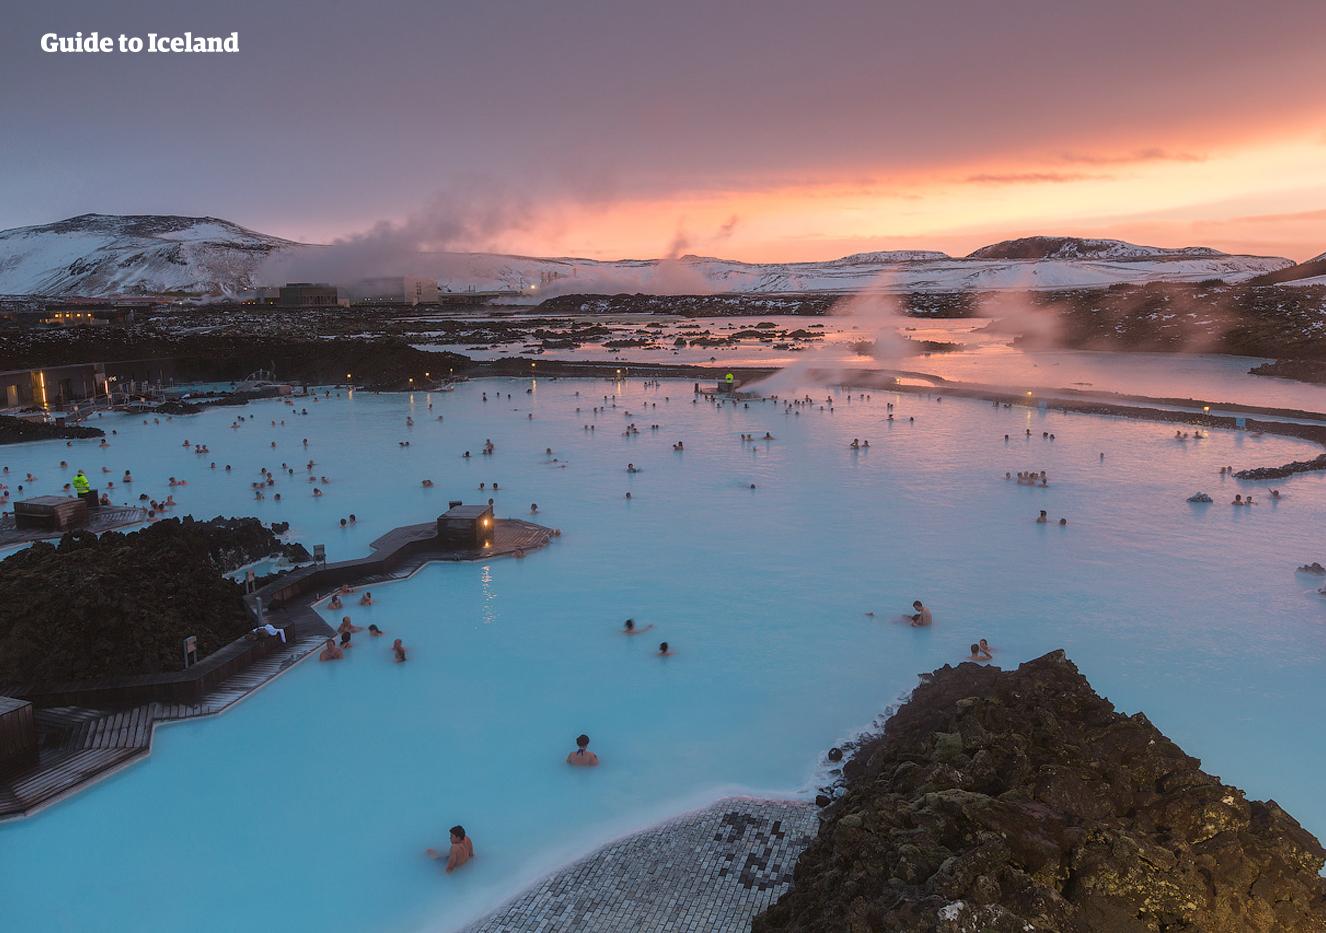 蓝湖温泉是冰岛最热门的旅游景点之一